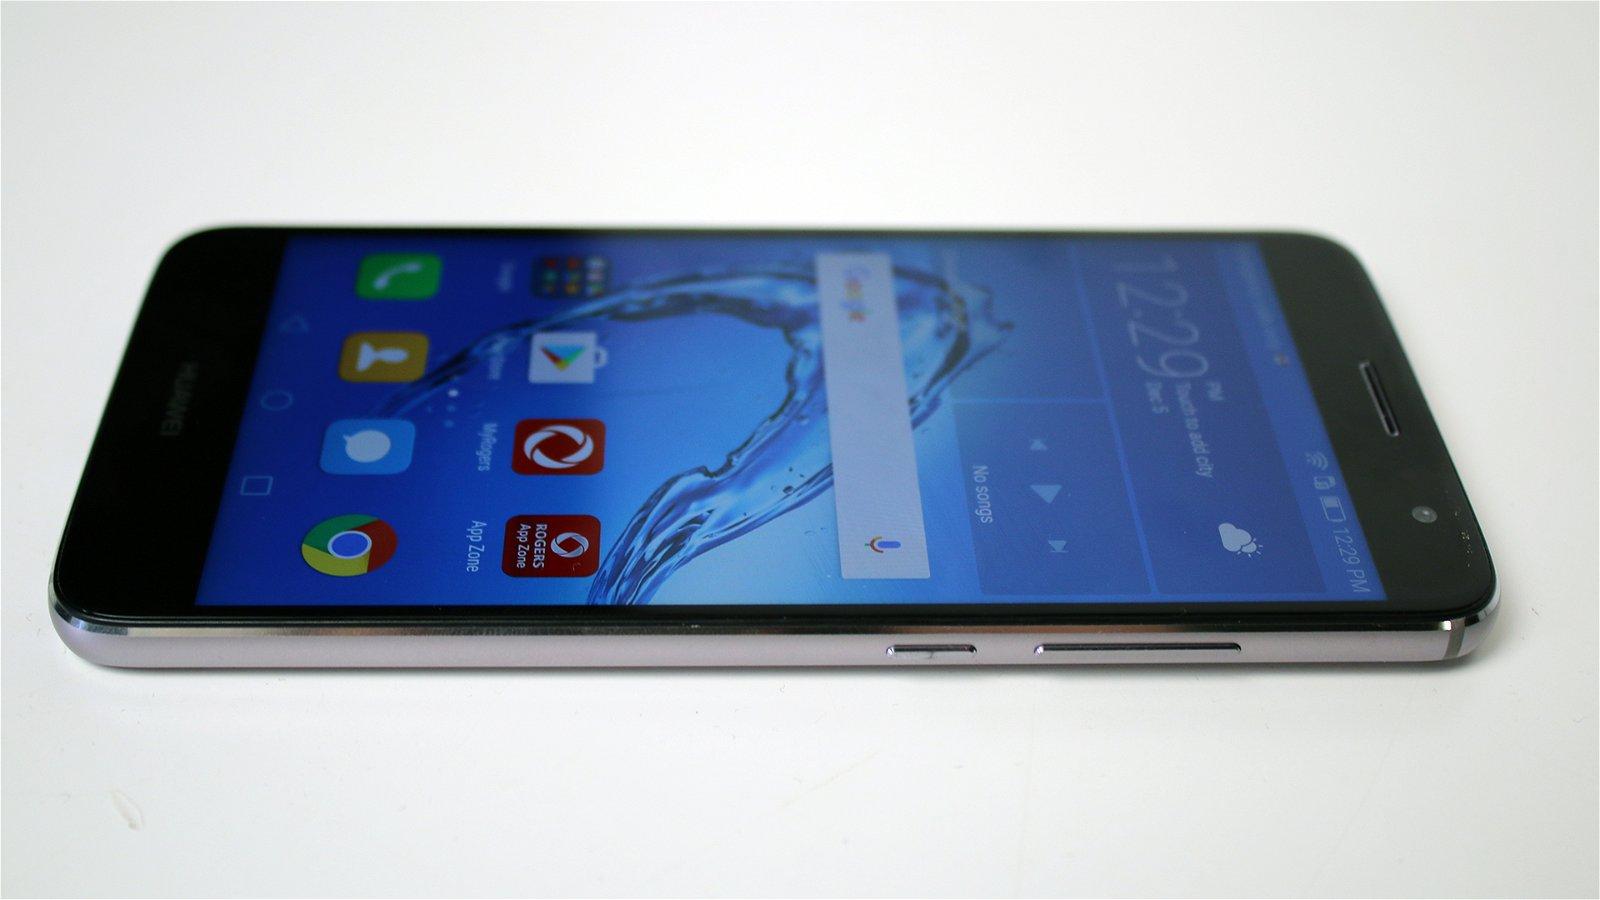 Huawei Nova Plus (Phone) Review 4